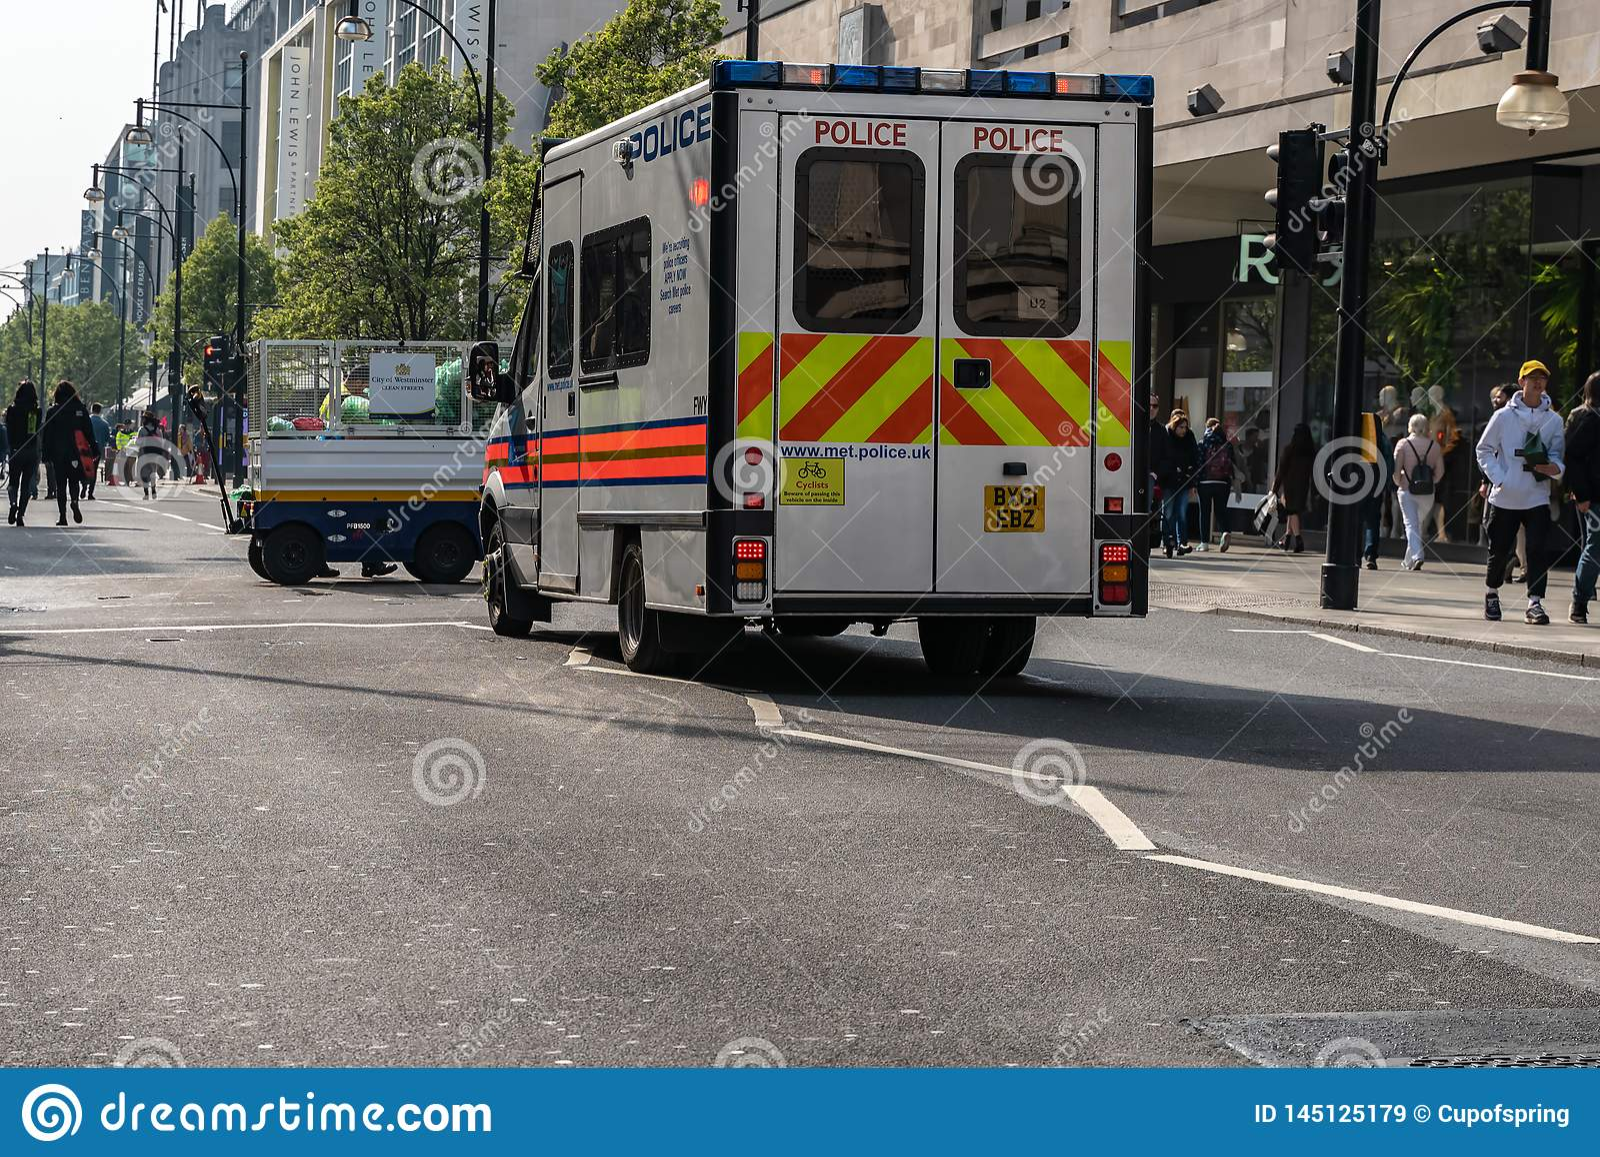 Лондон, Великобритания - 15-ое апреля 2019: Полицейский фургон на улице Ок